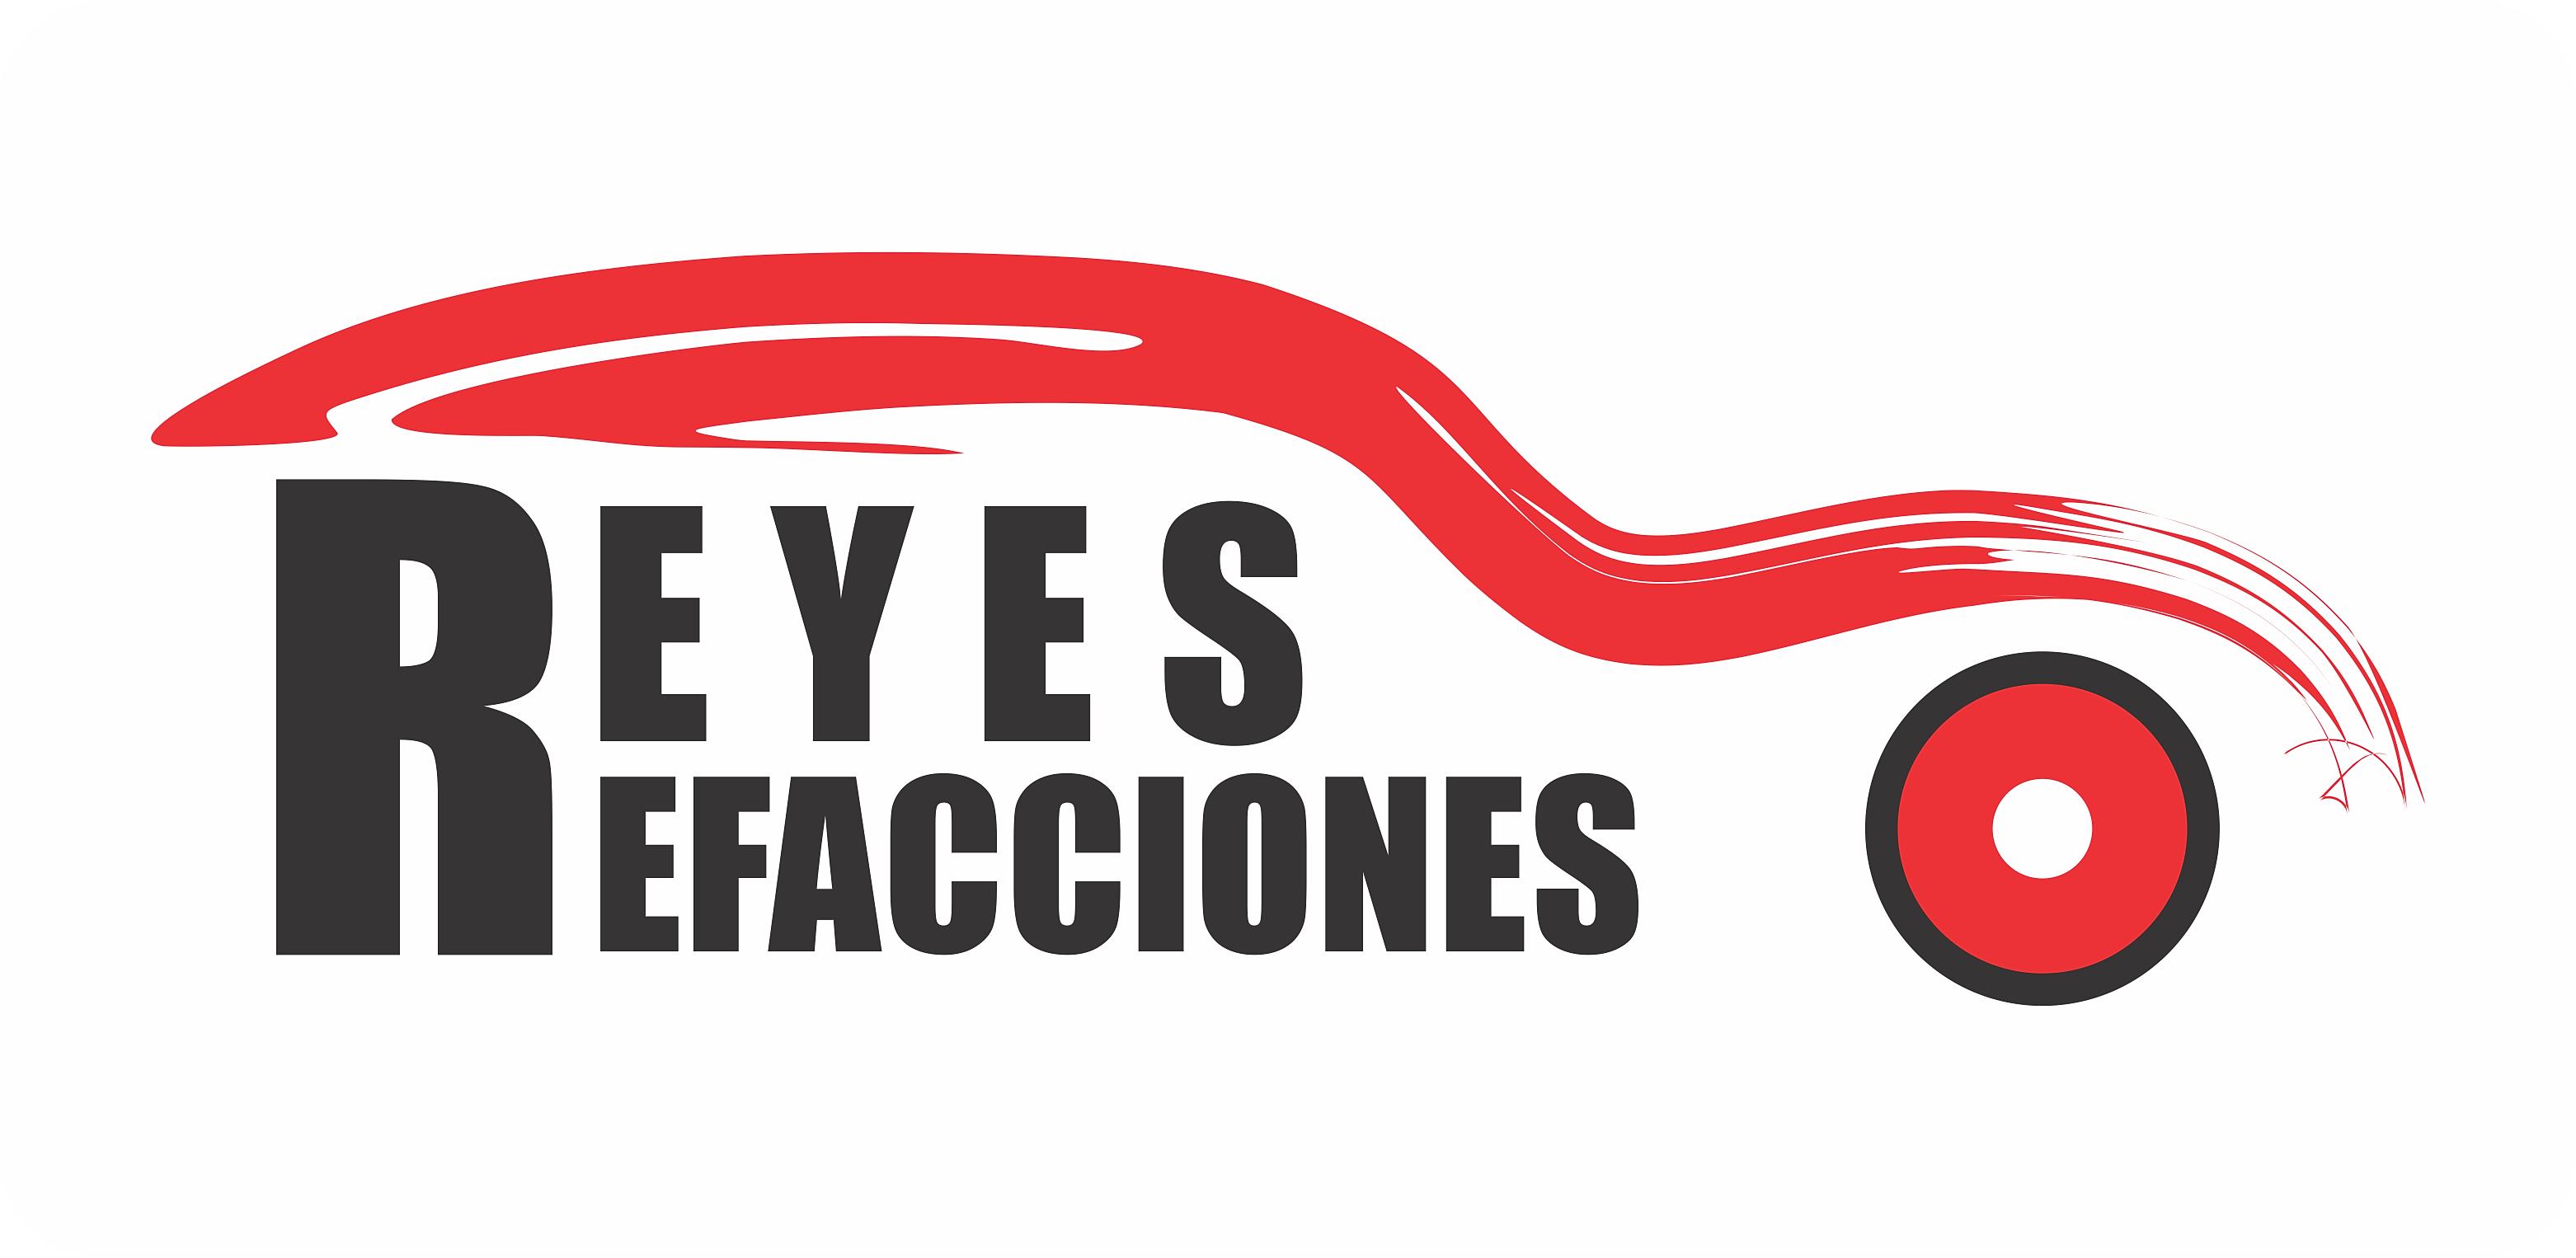 Mapa Comercial Diseño y publicidad México | Logo Refaccionaria Reyes ...: mapacomercialmexico.wix.com/mapacomercial#!logo-refaccionaria-reyes...